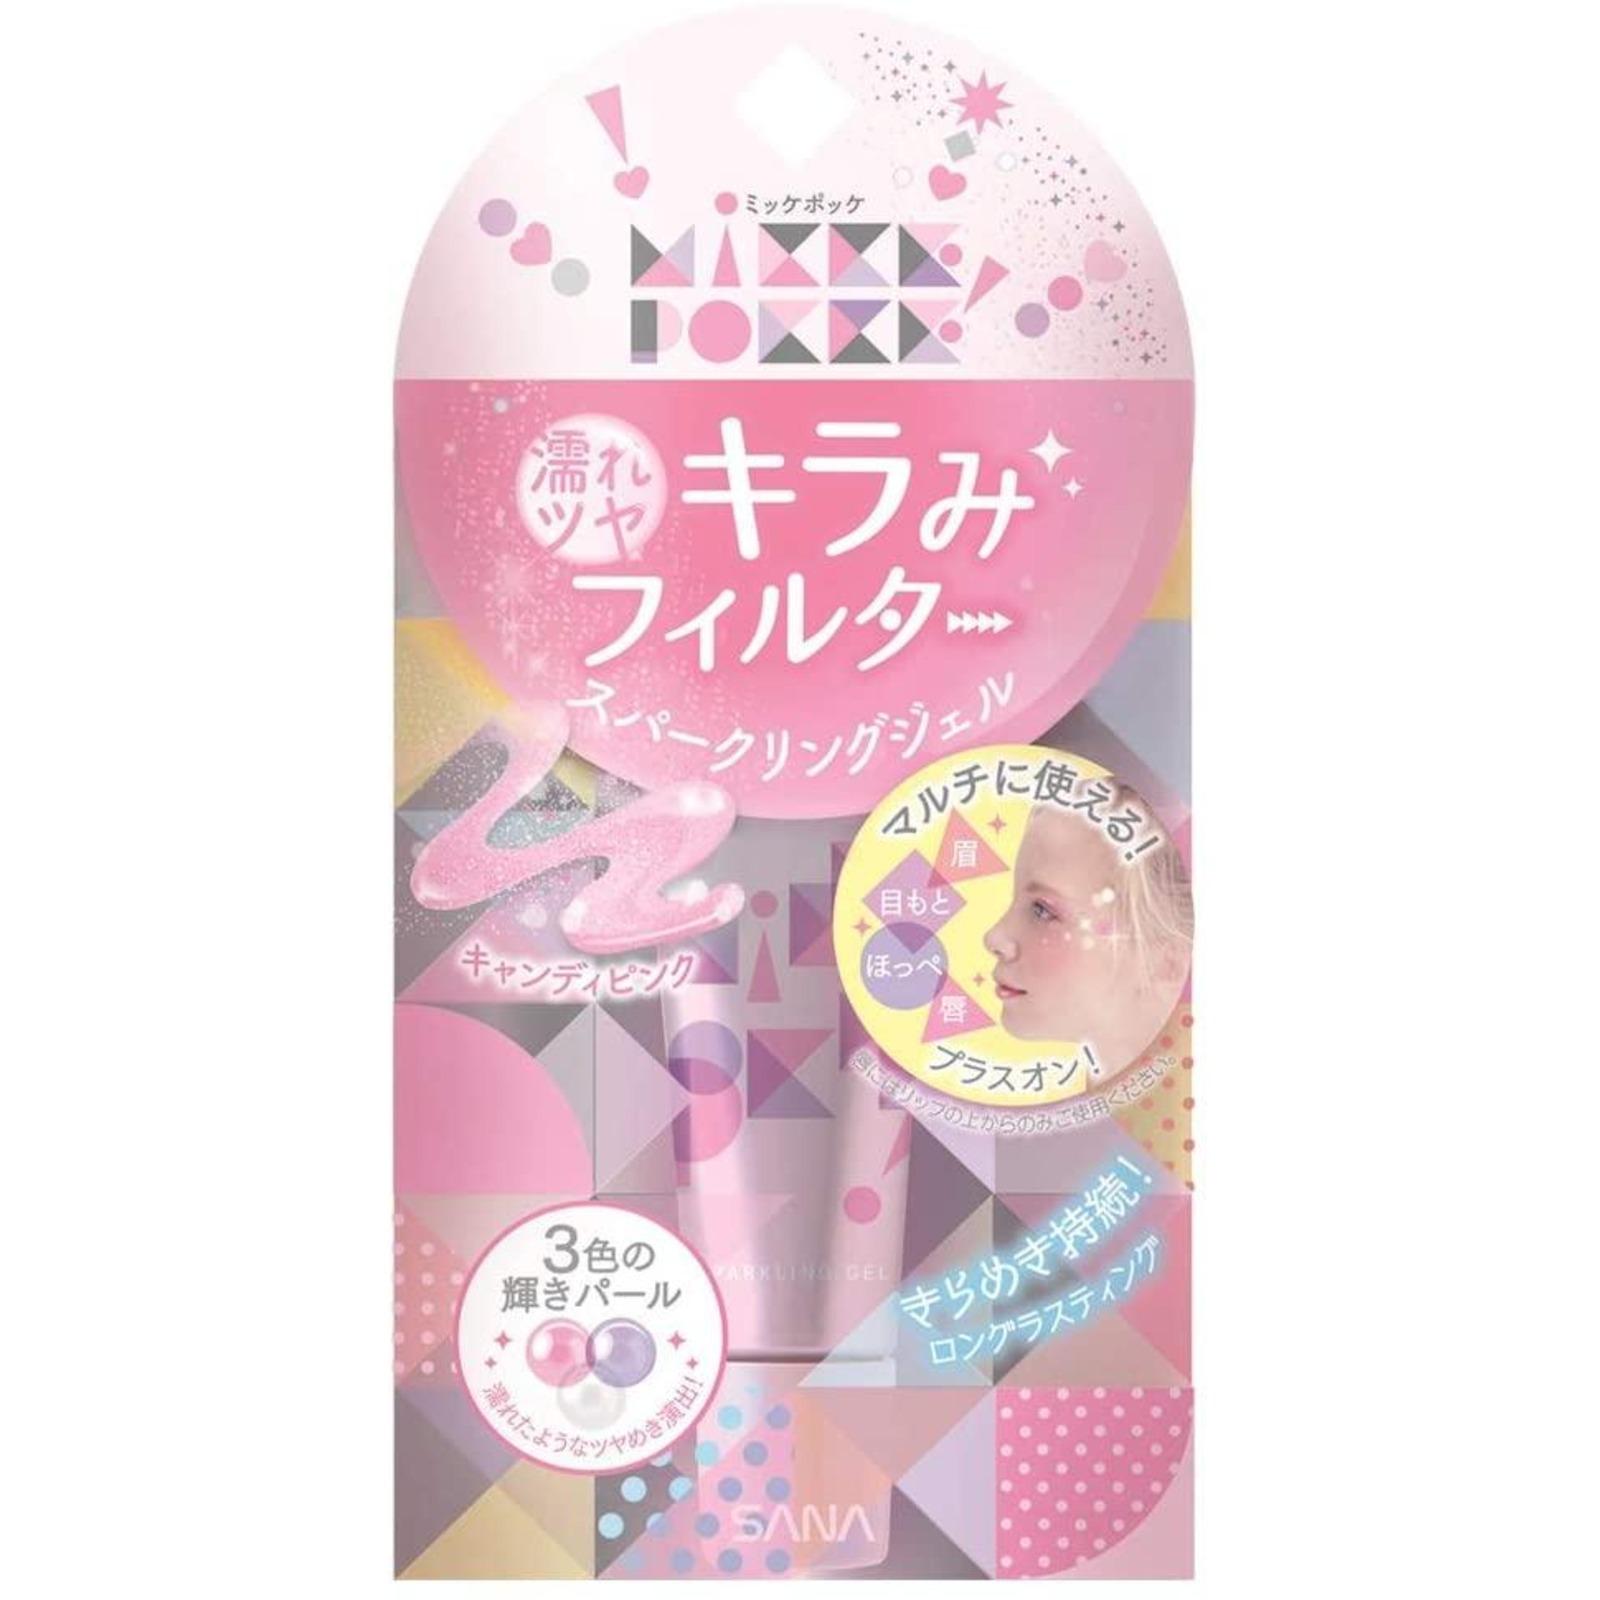 SANA MikkePokke Sparking Gel 01 Candy Pink